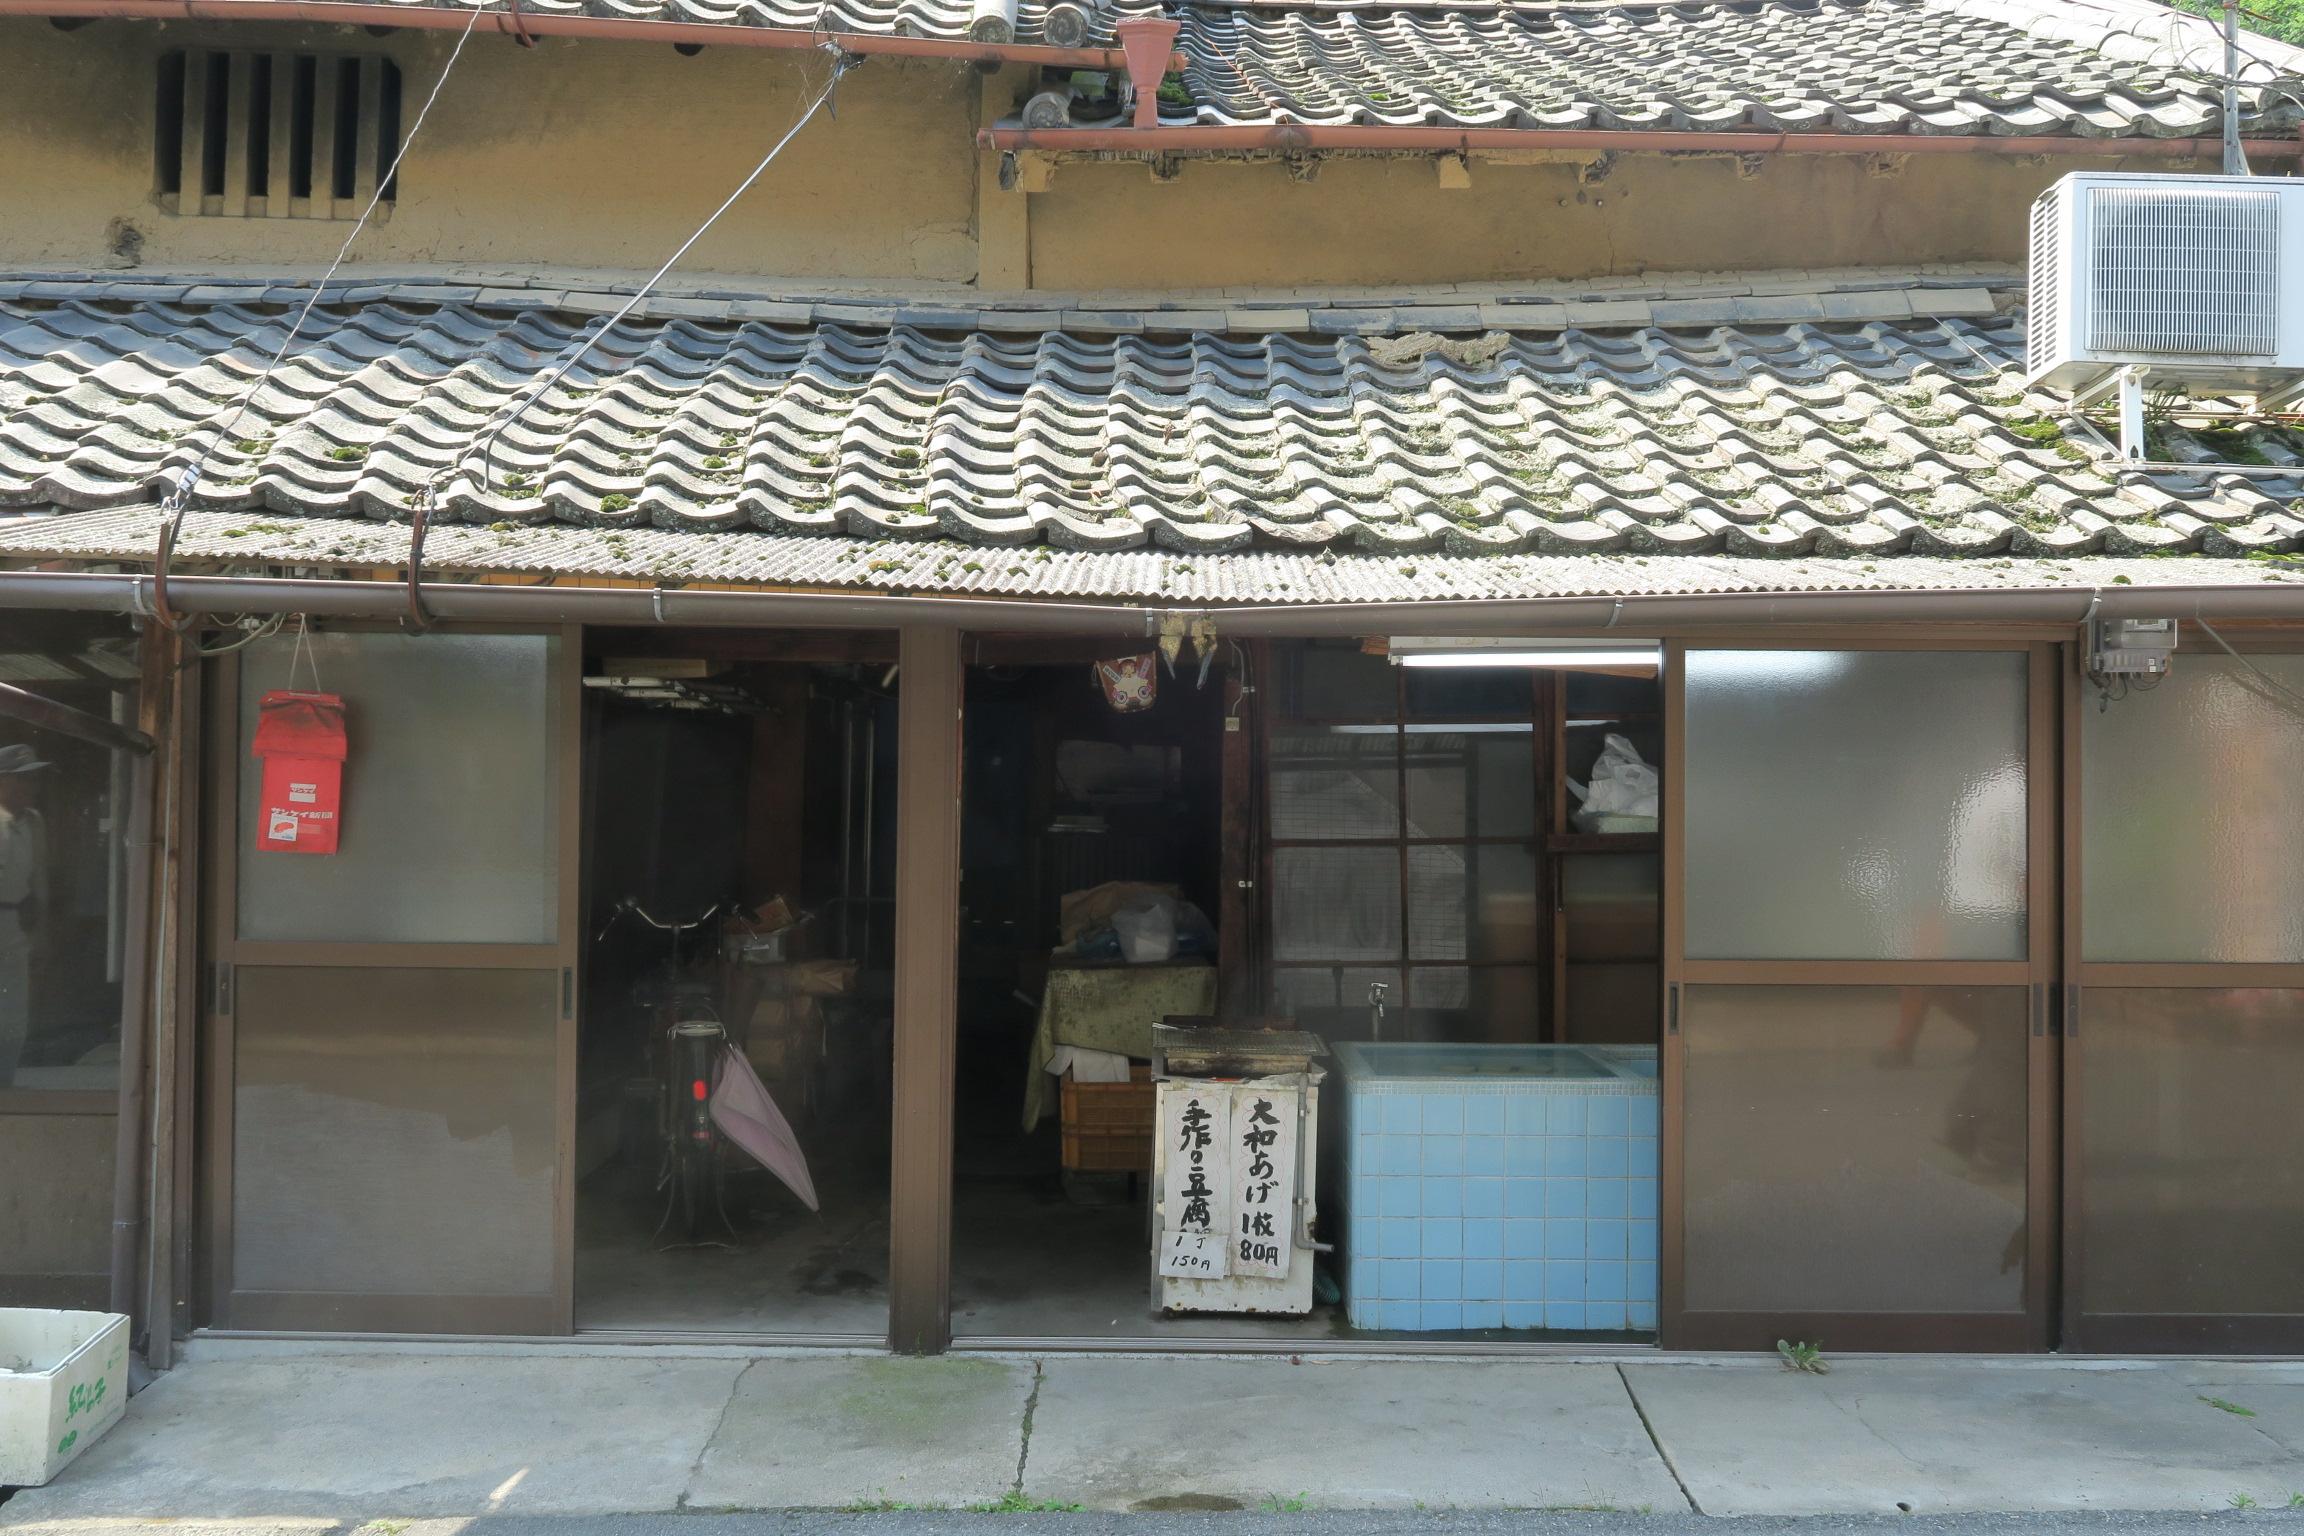 昔ながらの豆腐屋がありました。懐かしくて思わず写真を撮ってしまいました。